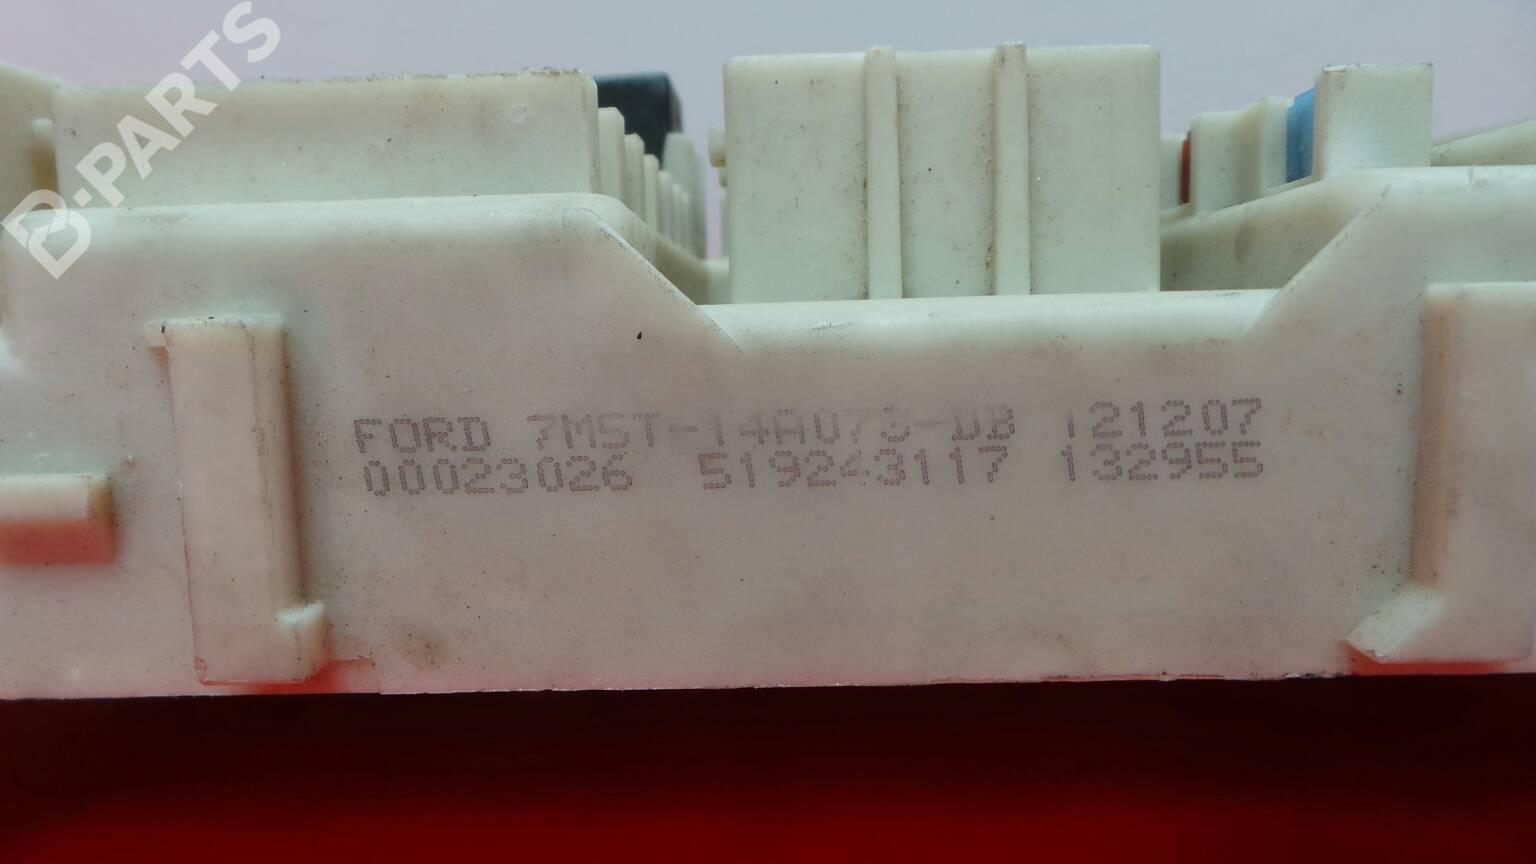 Fuse Box Ford Focus Ii Da Hcp 16 1283243 Doors 7m5t 14a073 Db 519243117